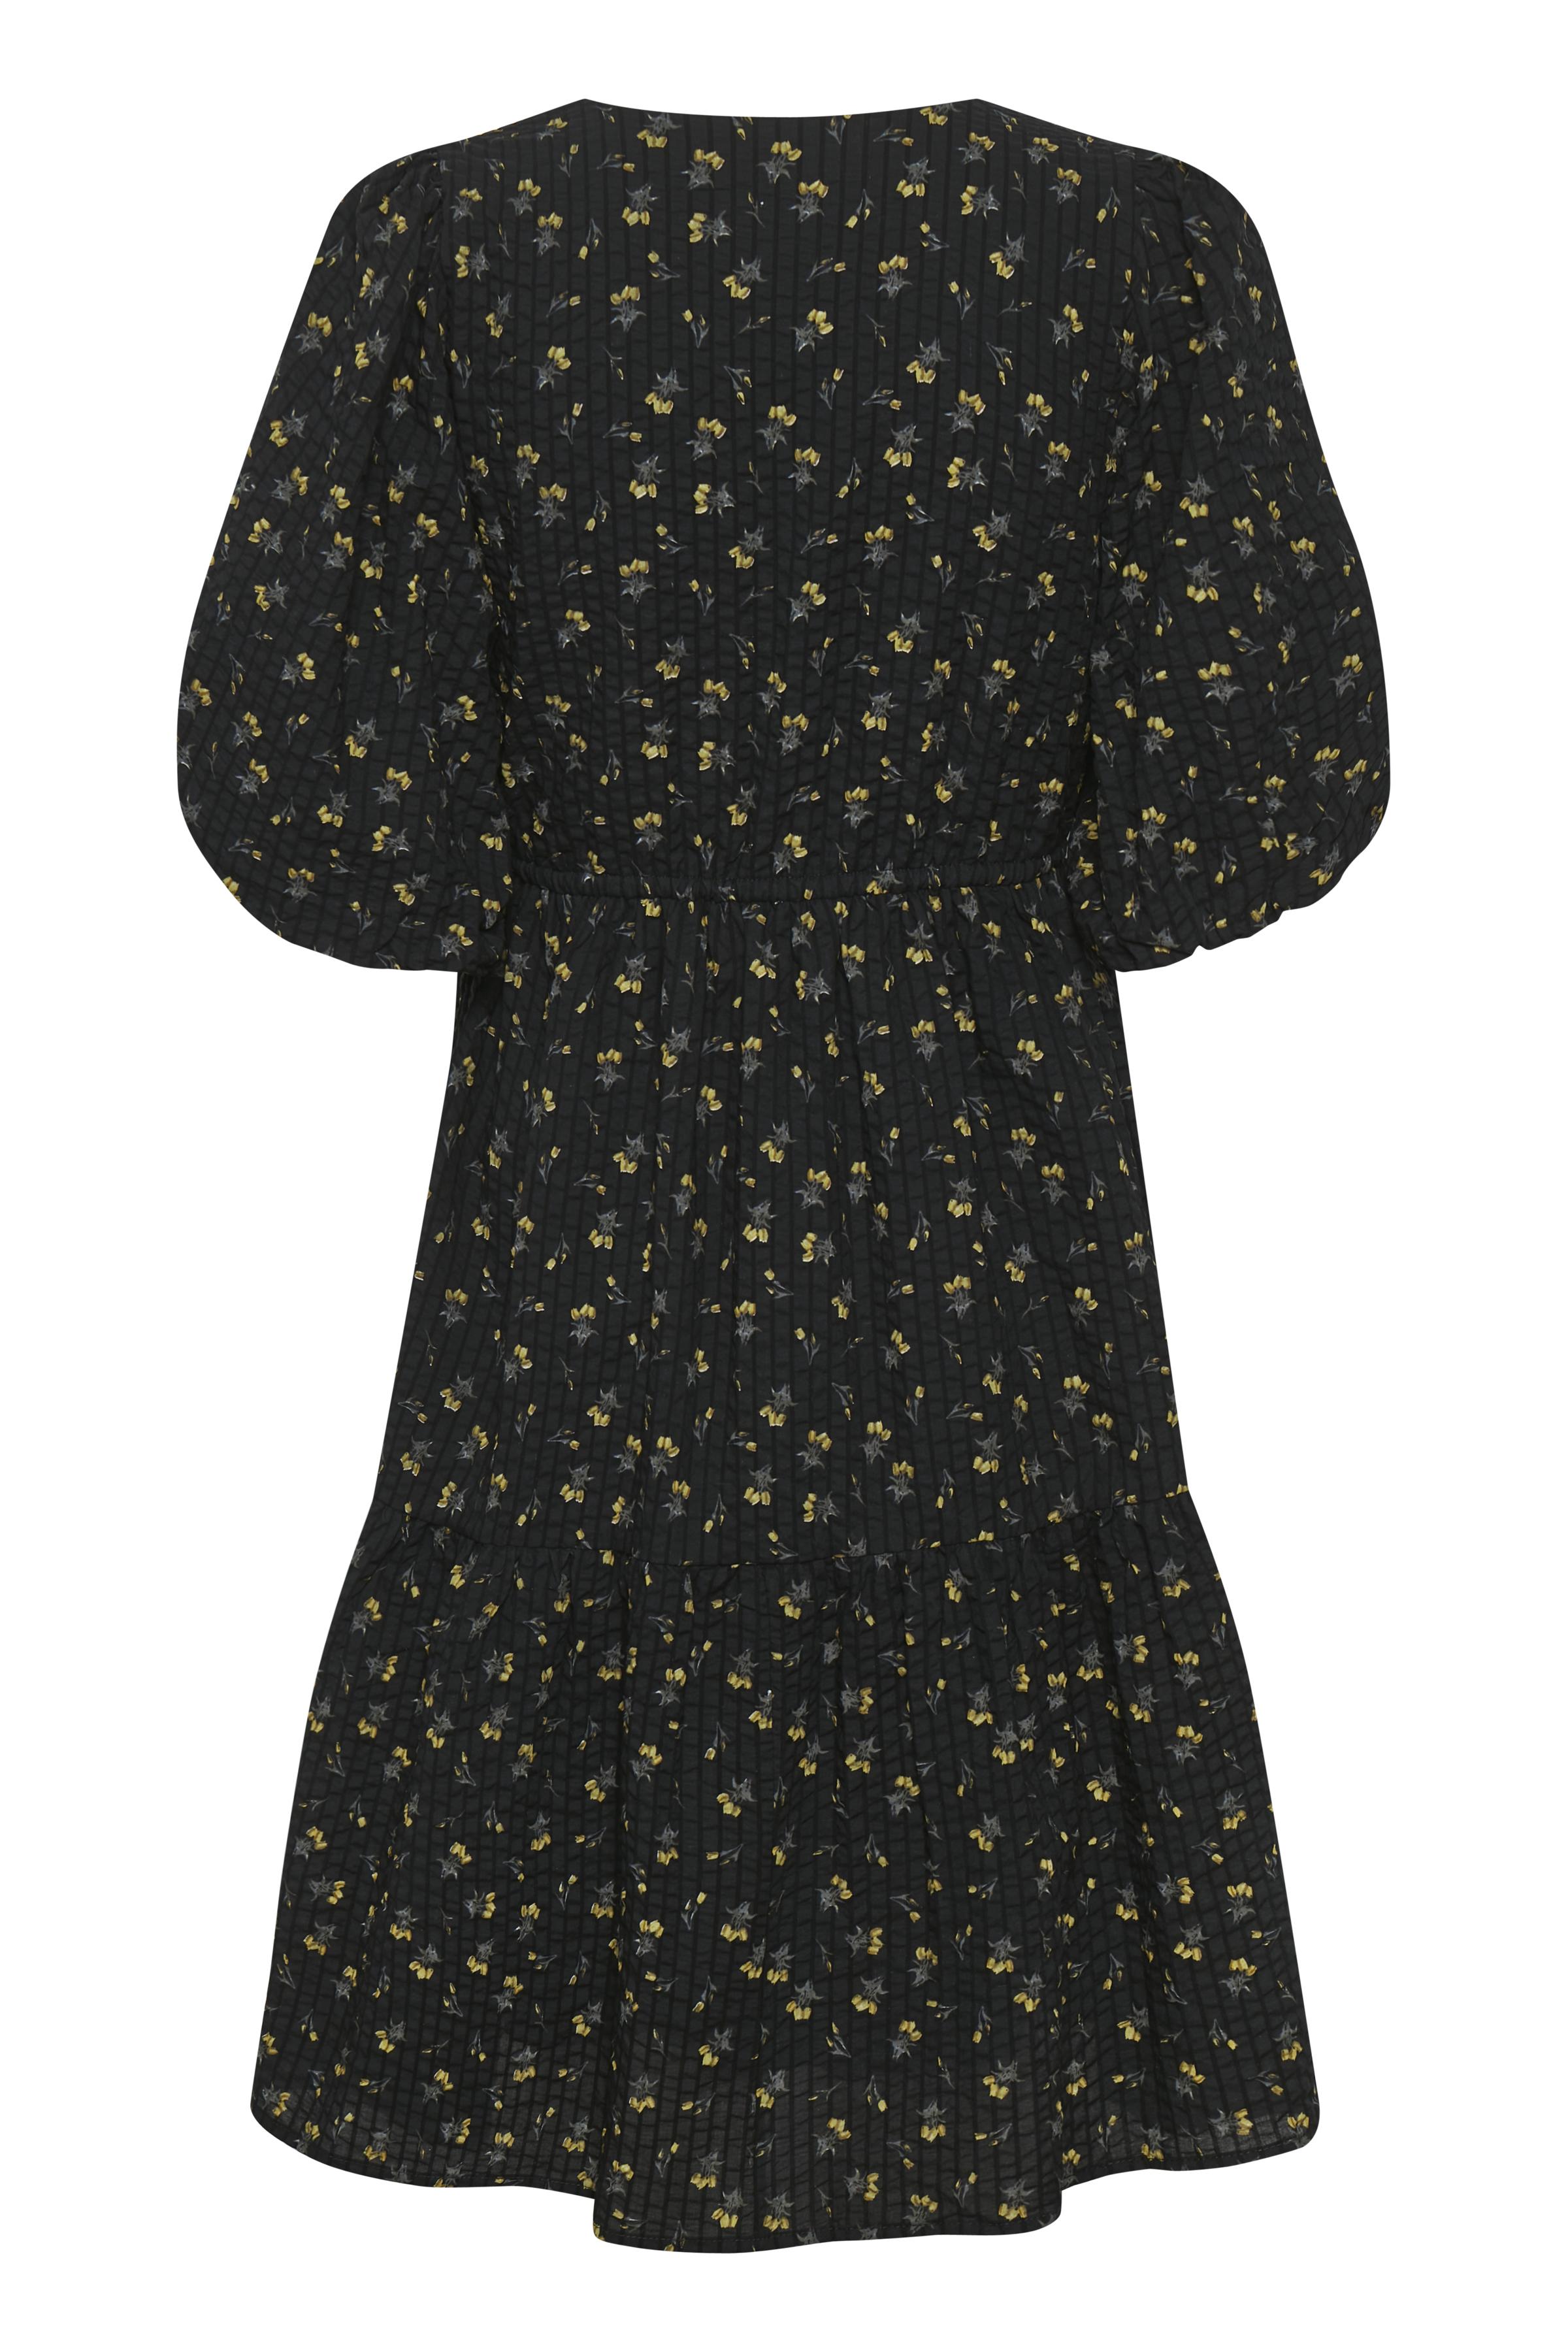 Gestuz AveryGZ kort kjole, tulip black, 42